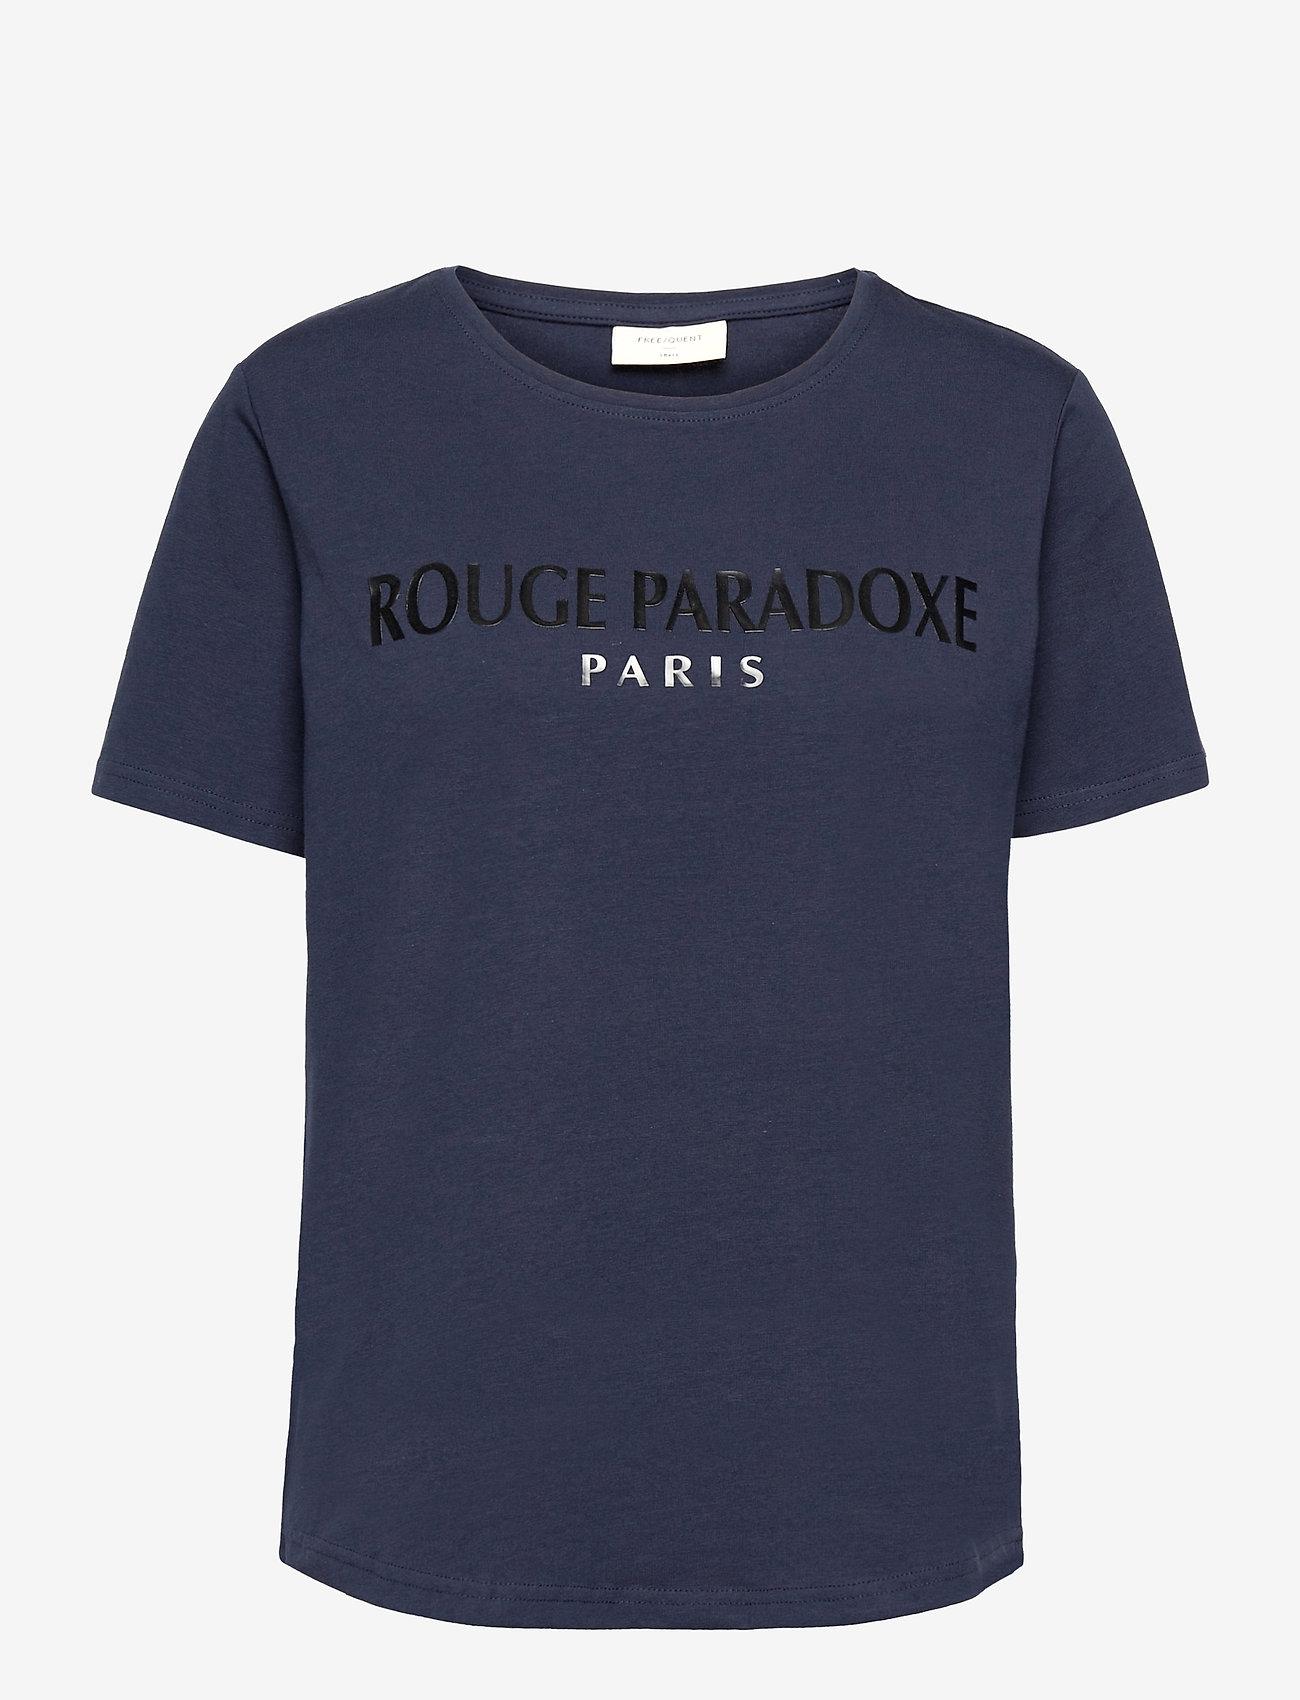 FREE/QUENT - FQHALLEY-TEE - t-shirts - navy blazer mix - 0